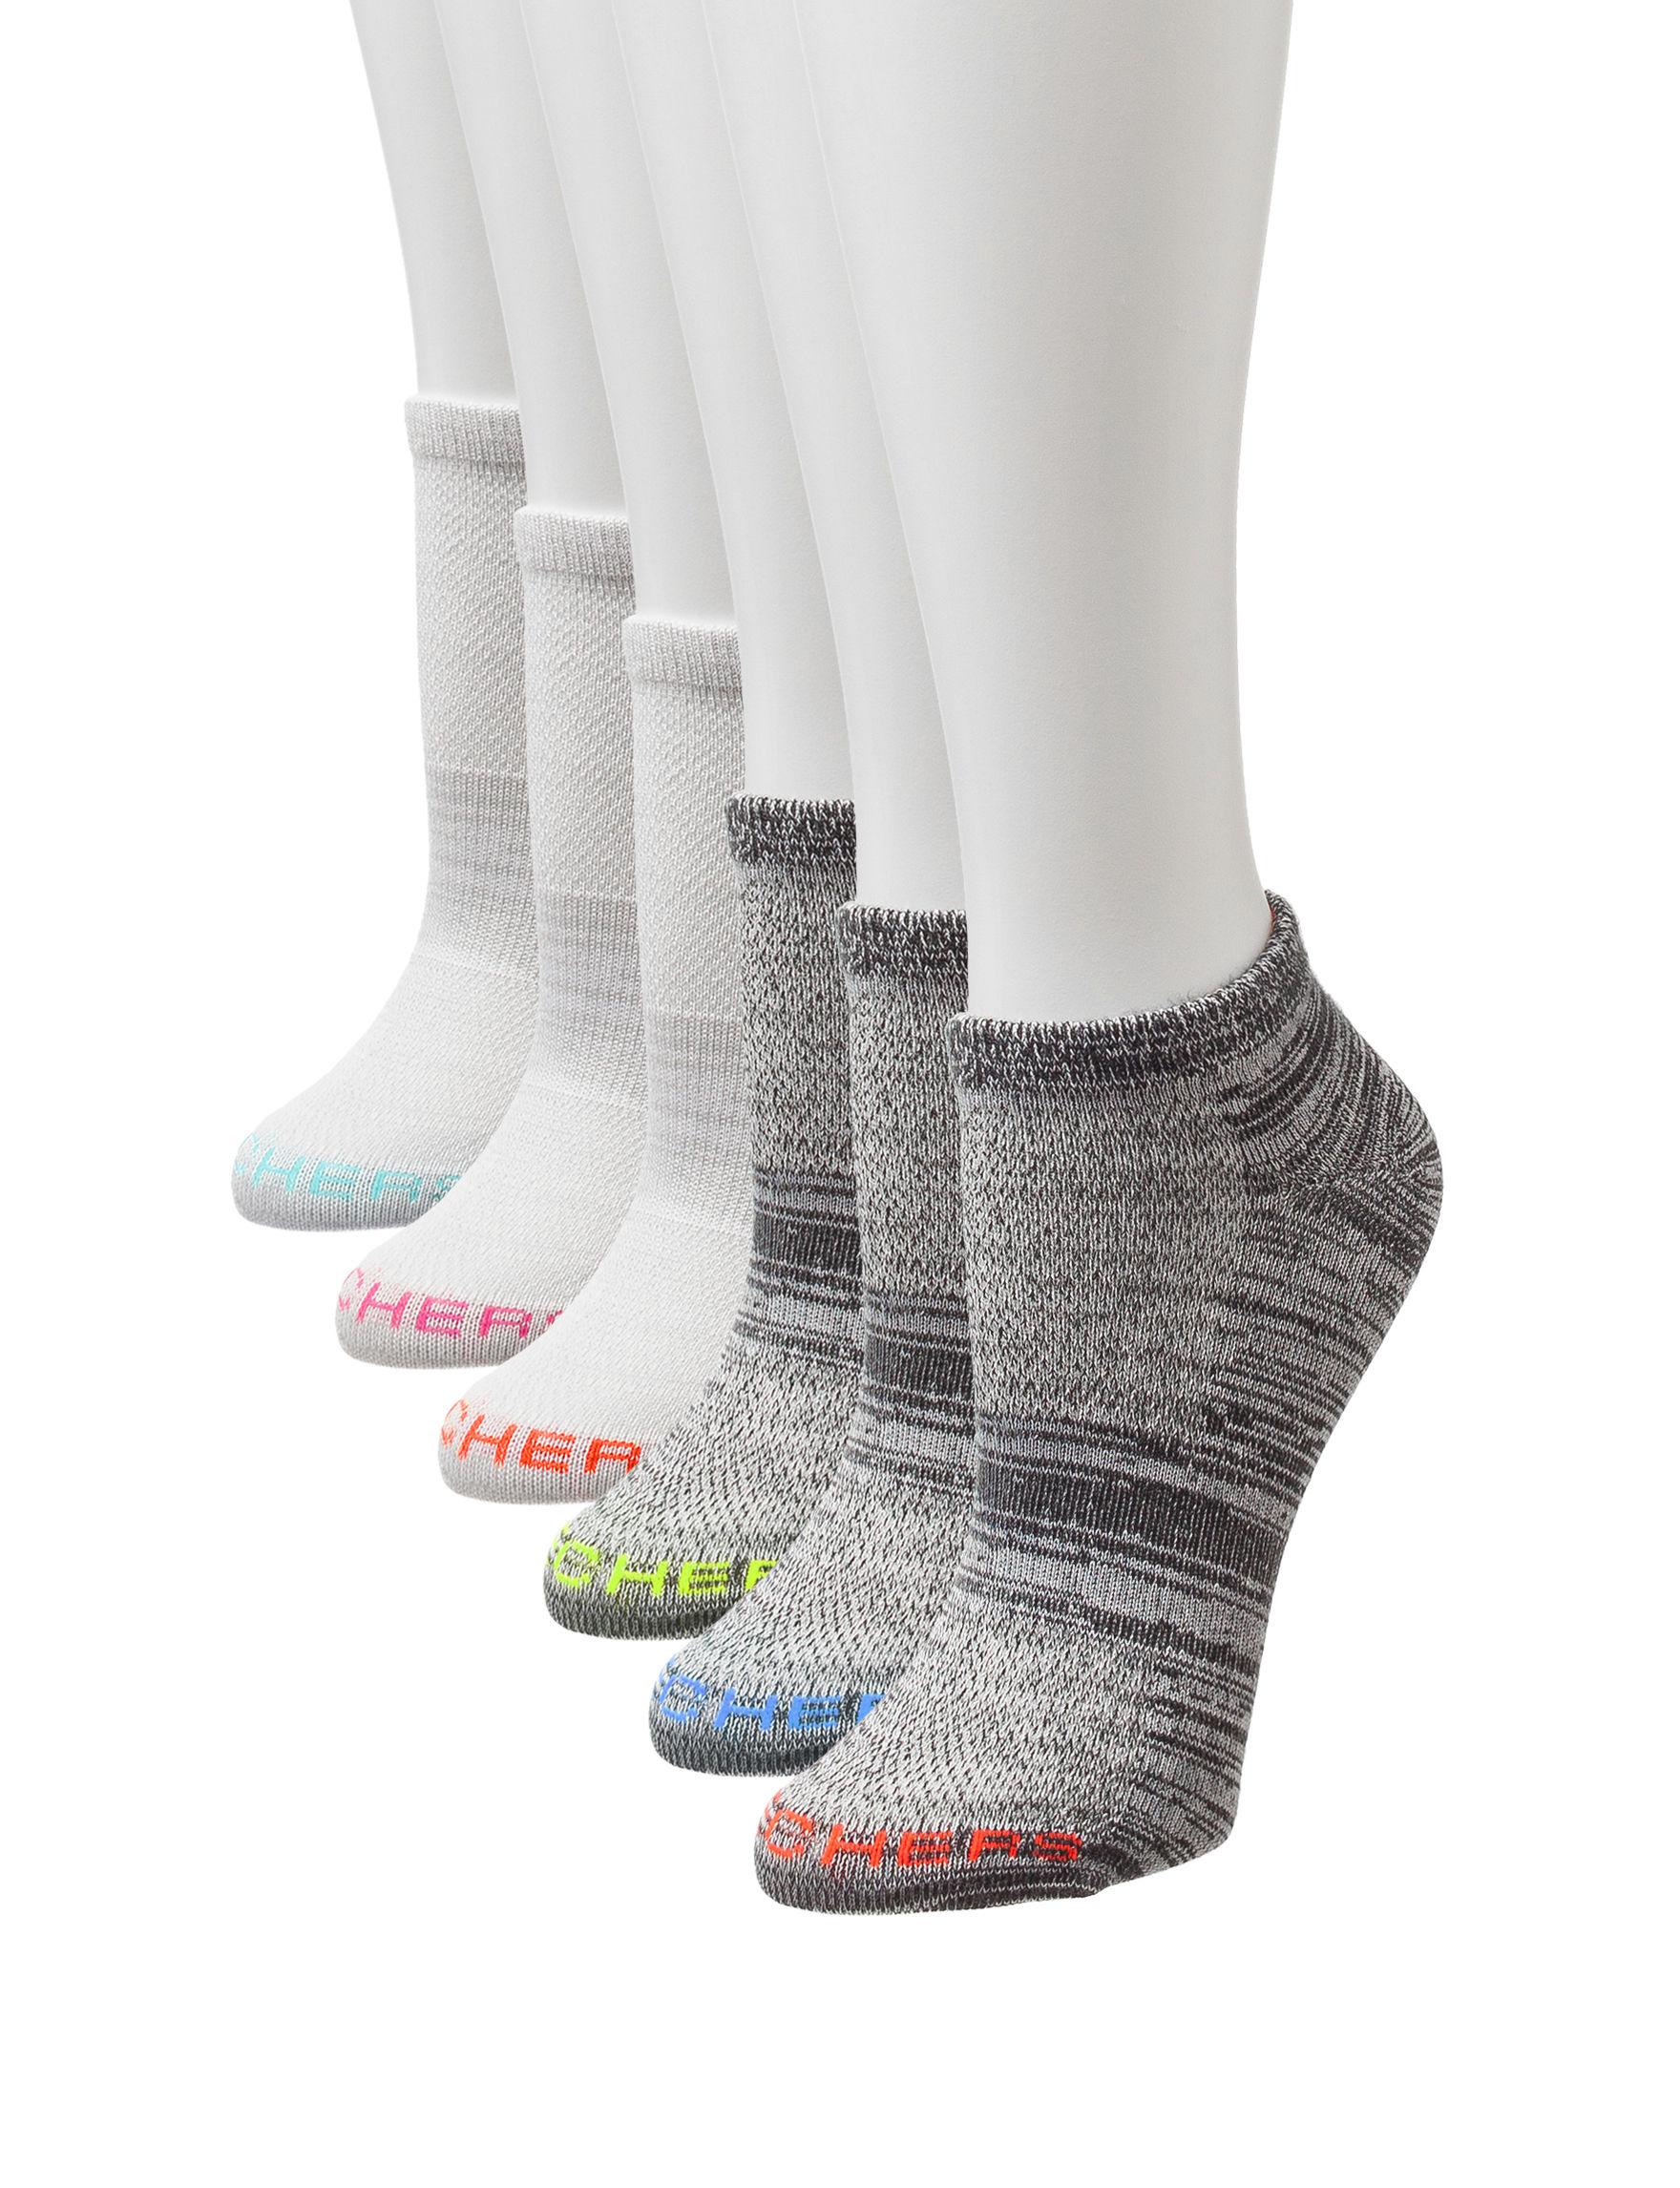 Skechers Grey / Black Socks